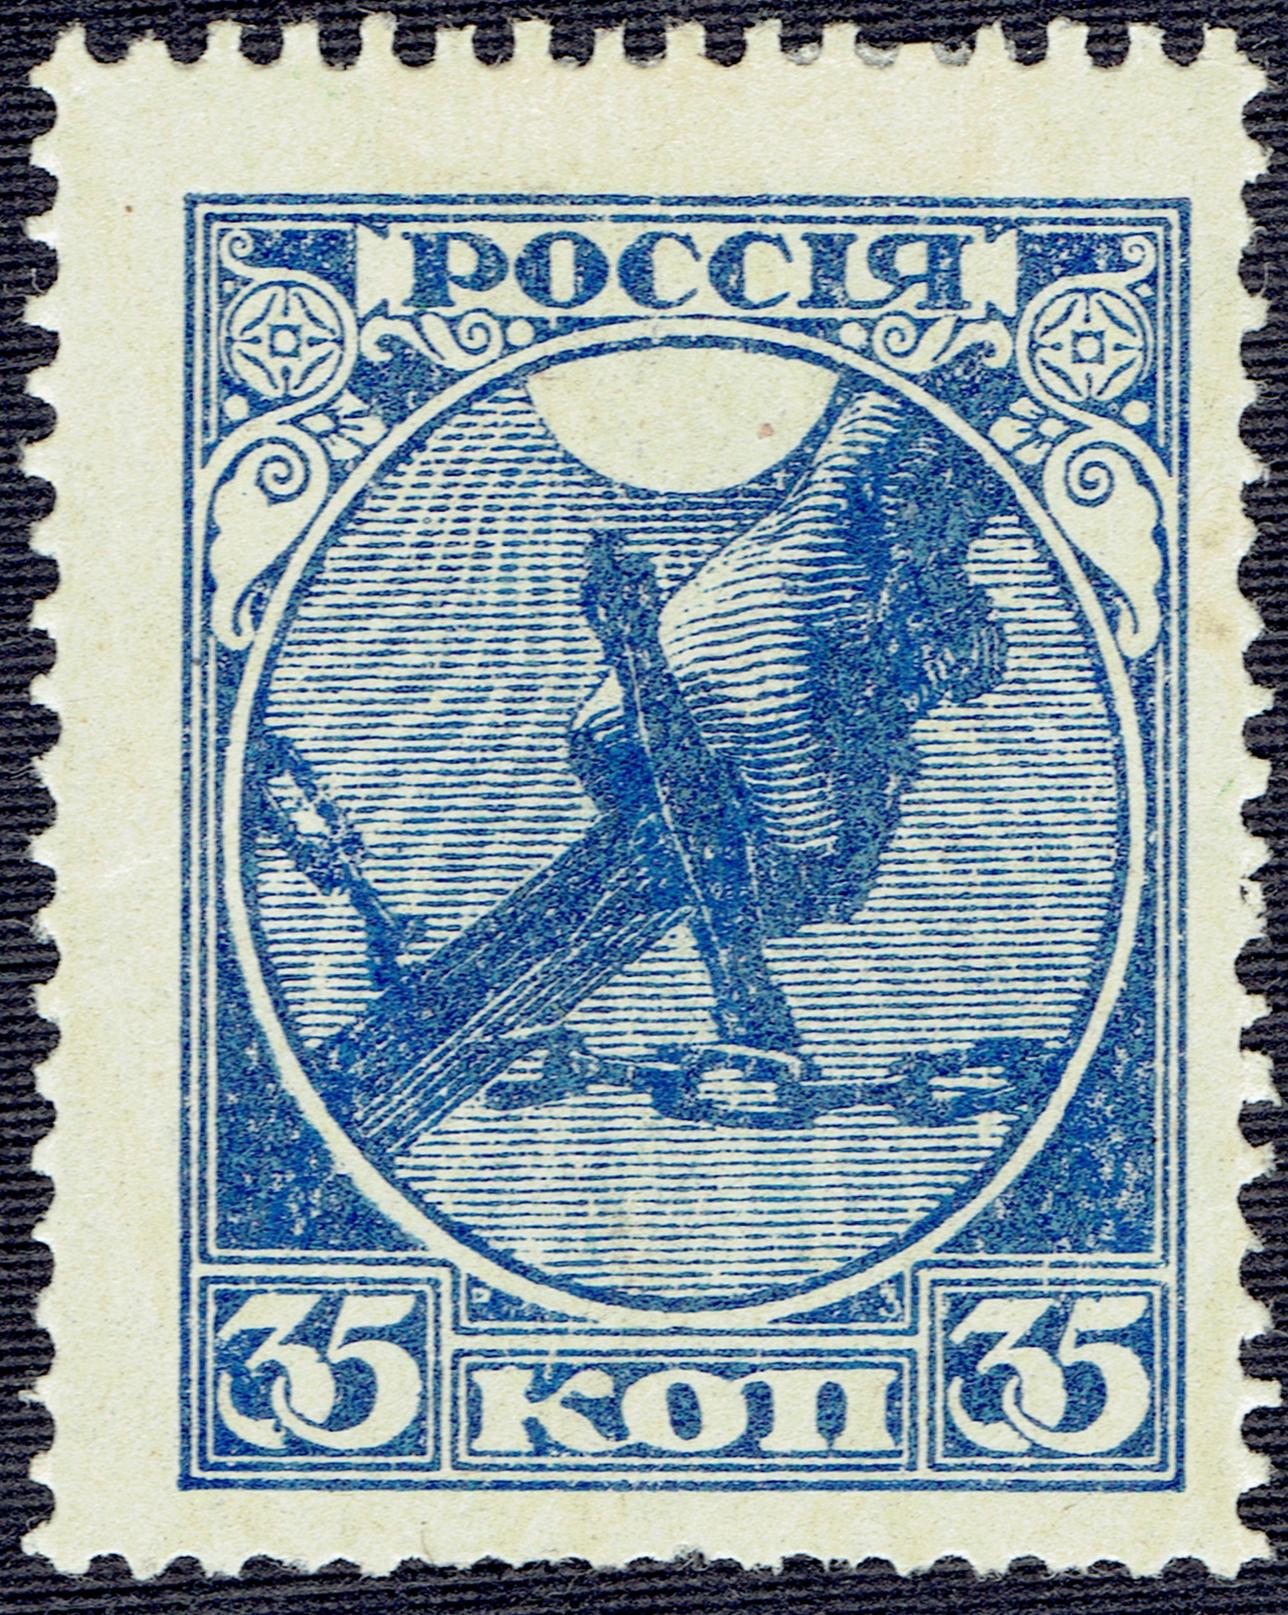 Russia #149 (1918)